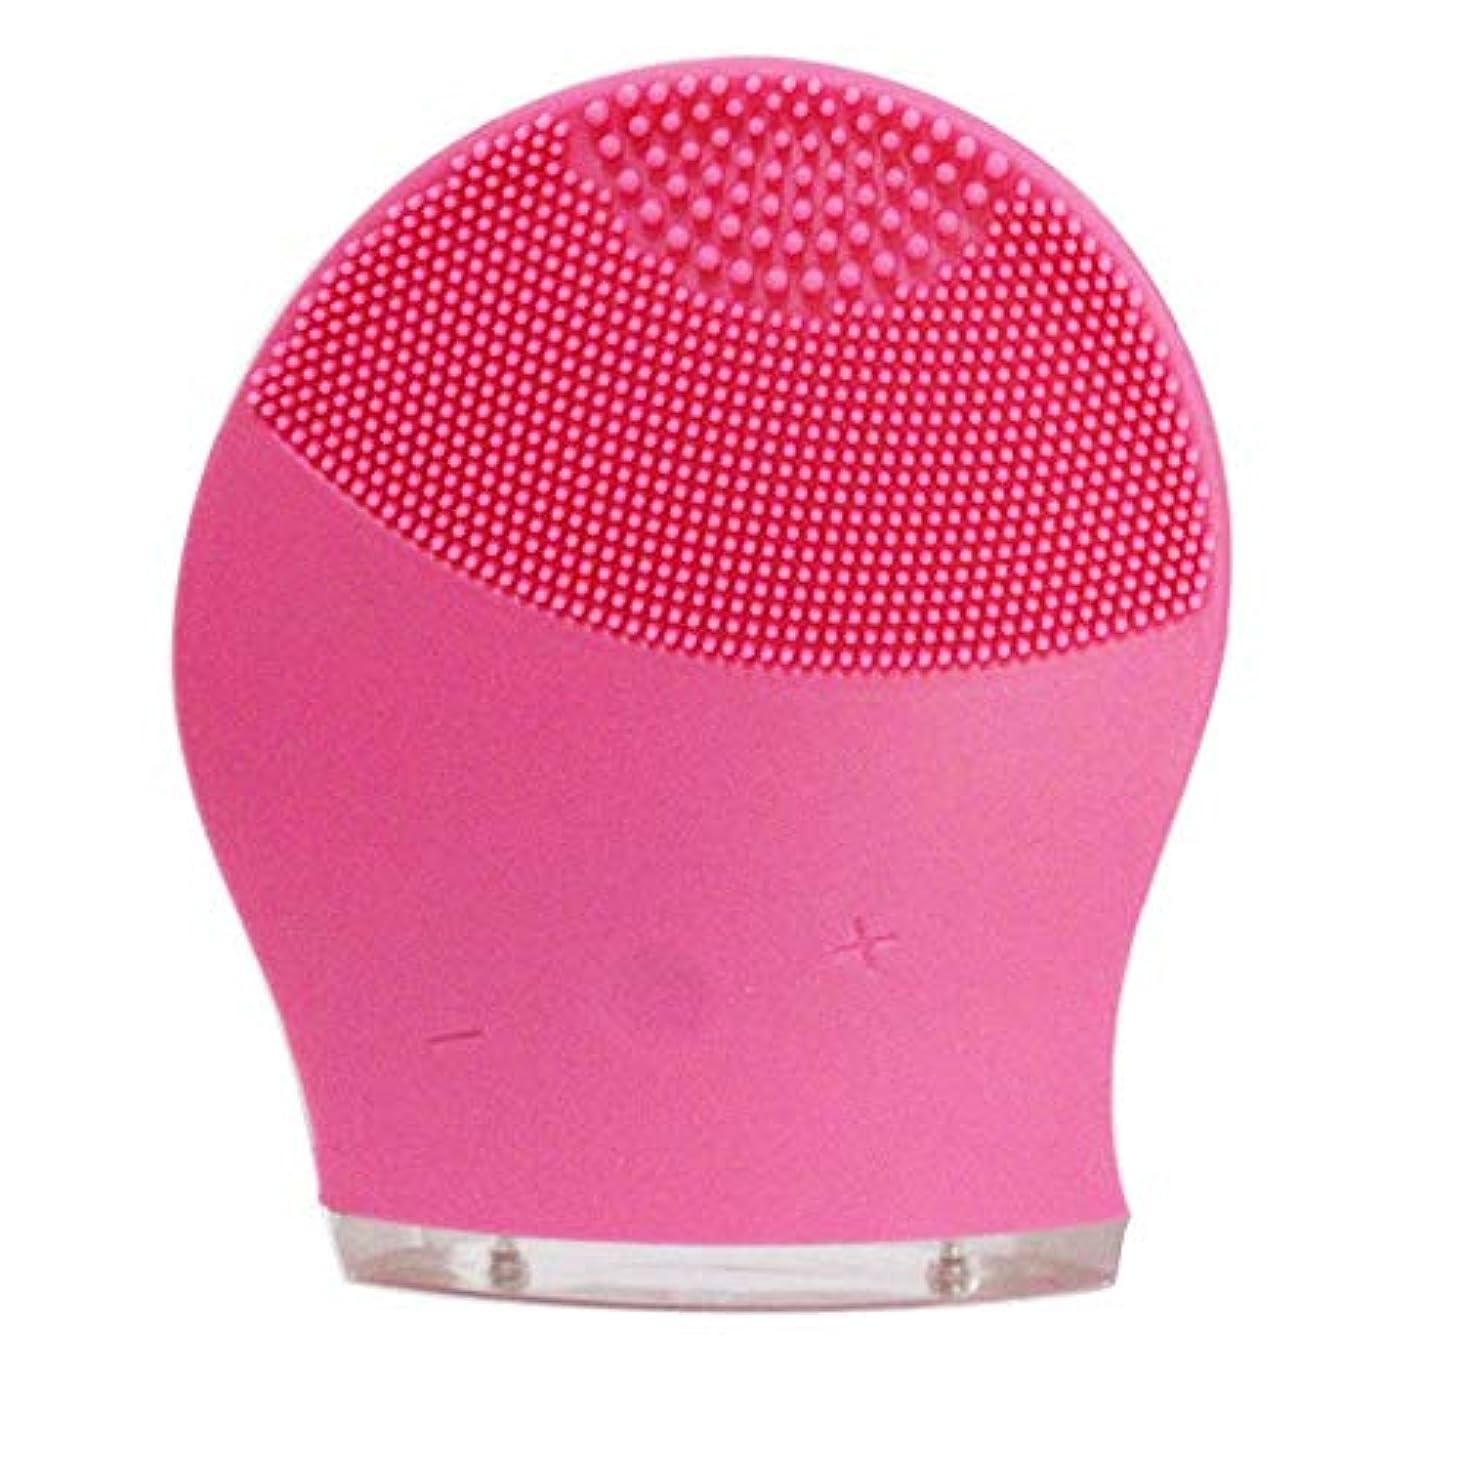 故意のランドリー独立ZXF 新電気洗浄器シリコーン洗浄器超音波振動洗浄ブラシUSB充電毛穴洗浄 滑らかである (色 : Red)